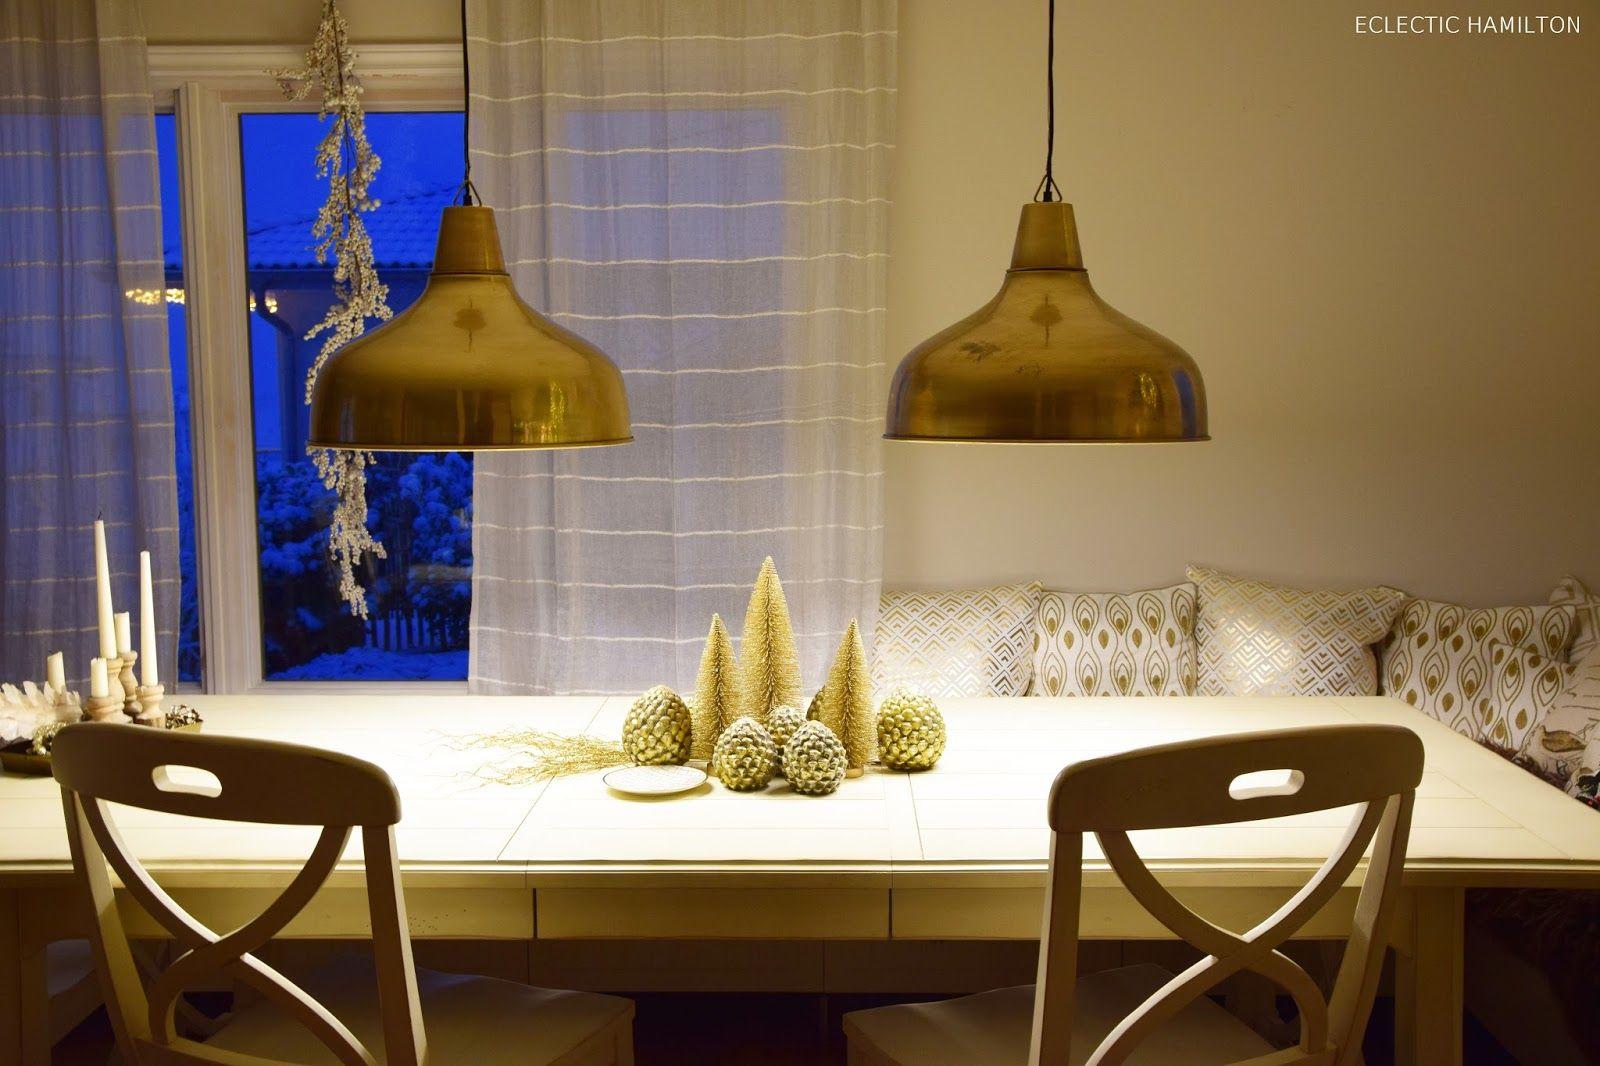 Full Size of 12 Lampe Kche Esszimmer Luxus Unterschrank Küche Edelstahlküche Selbst Zusammenstellen Mintgrün Grifflose Aluminium Verbundplatte Modul Stehhilfe Wohnzimmer Wohnzimmer Lampe Küche